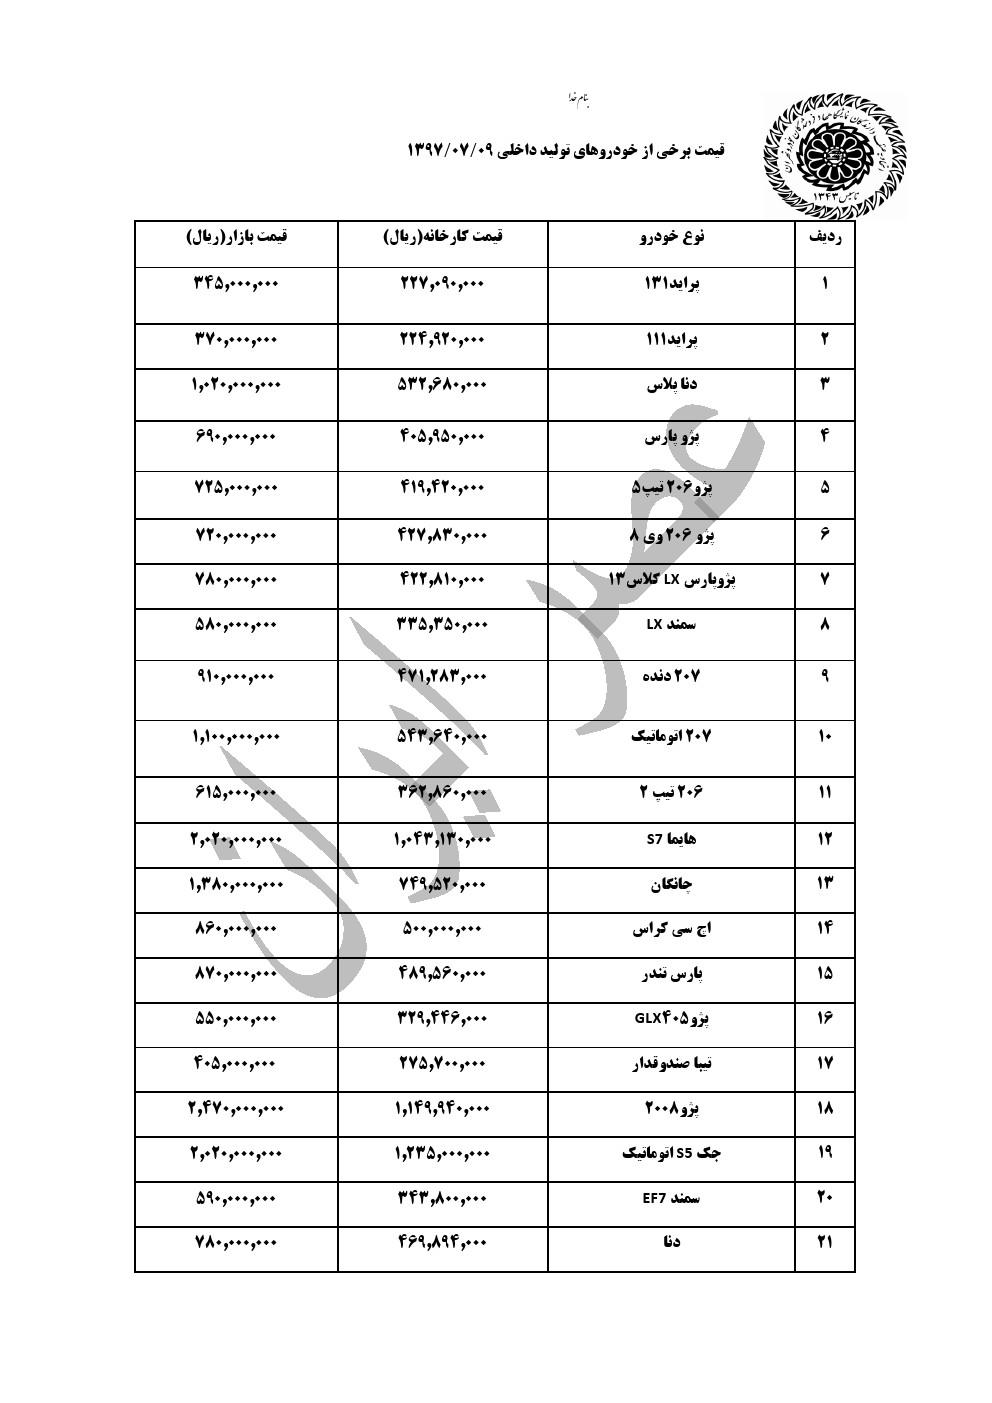 آخرین وضعیت قیمت خودروهای داخلی در بازار هم زمان با اعلام طرح فروش ایران خودرو (+جدول از پراید تا پژو 2008 )